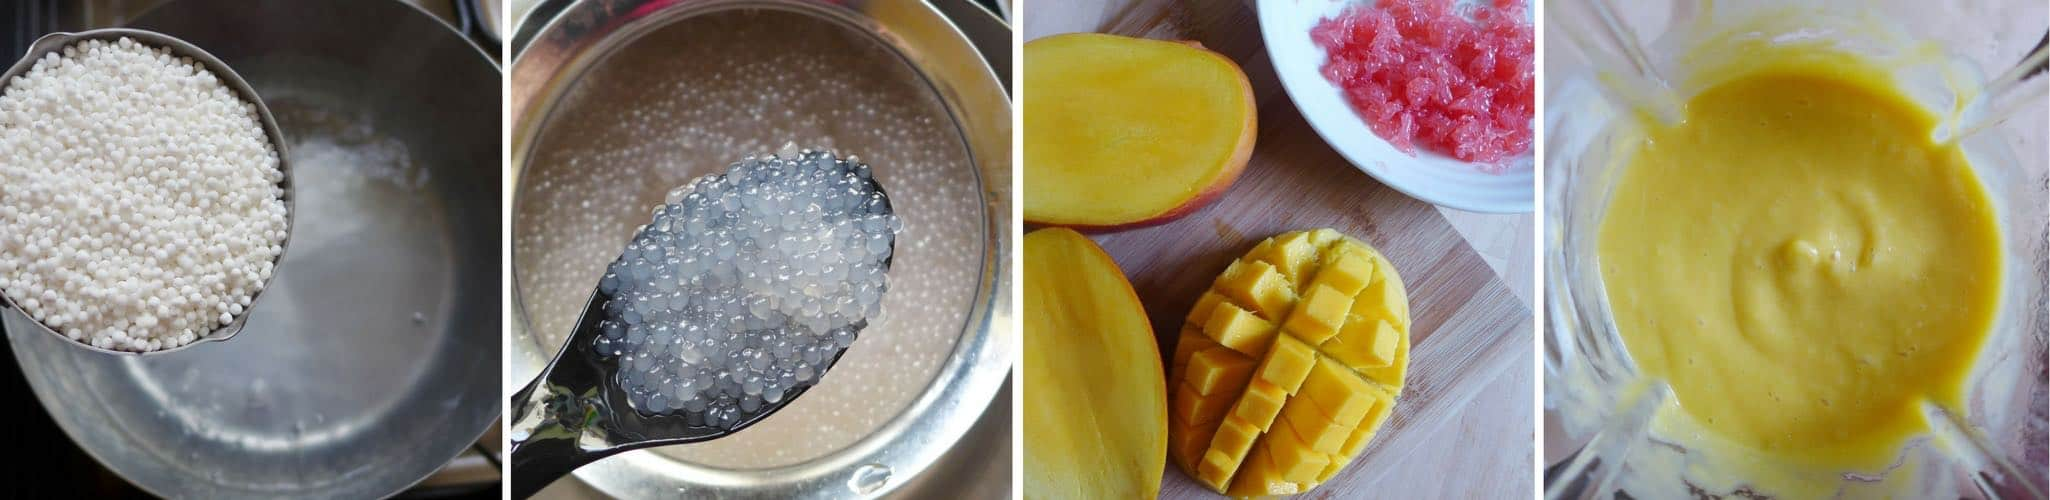 making mango sago